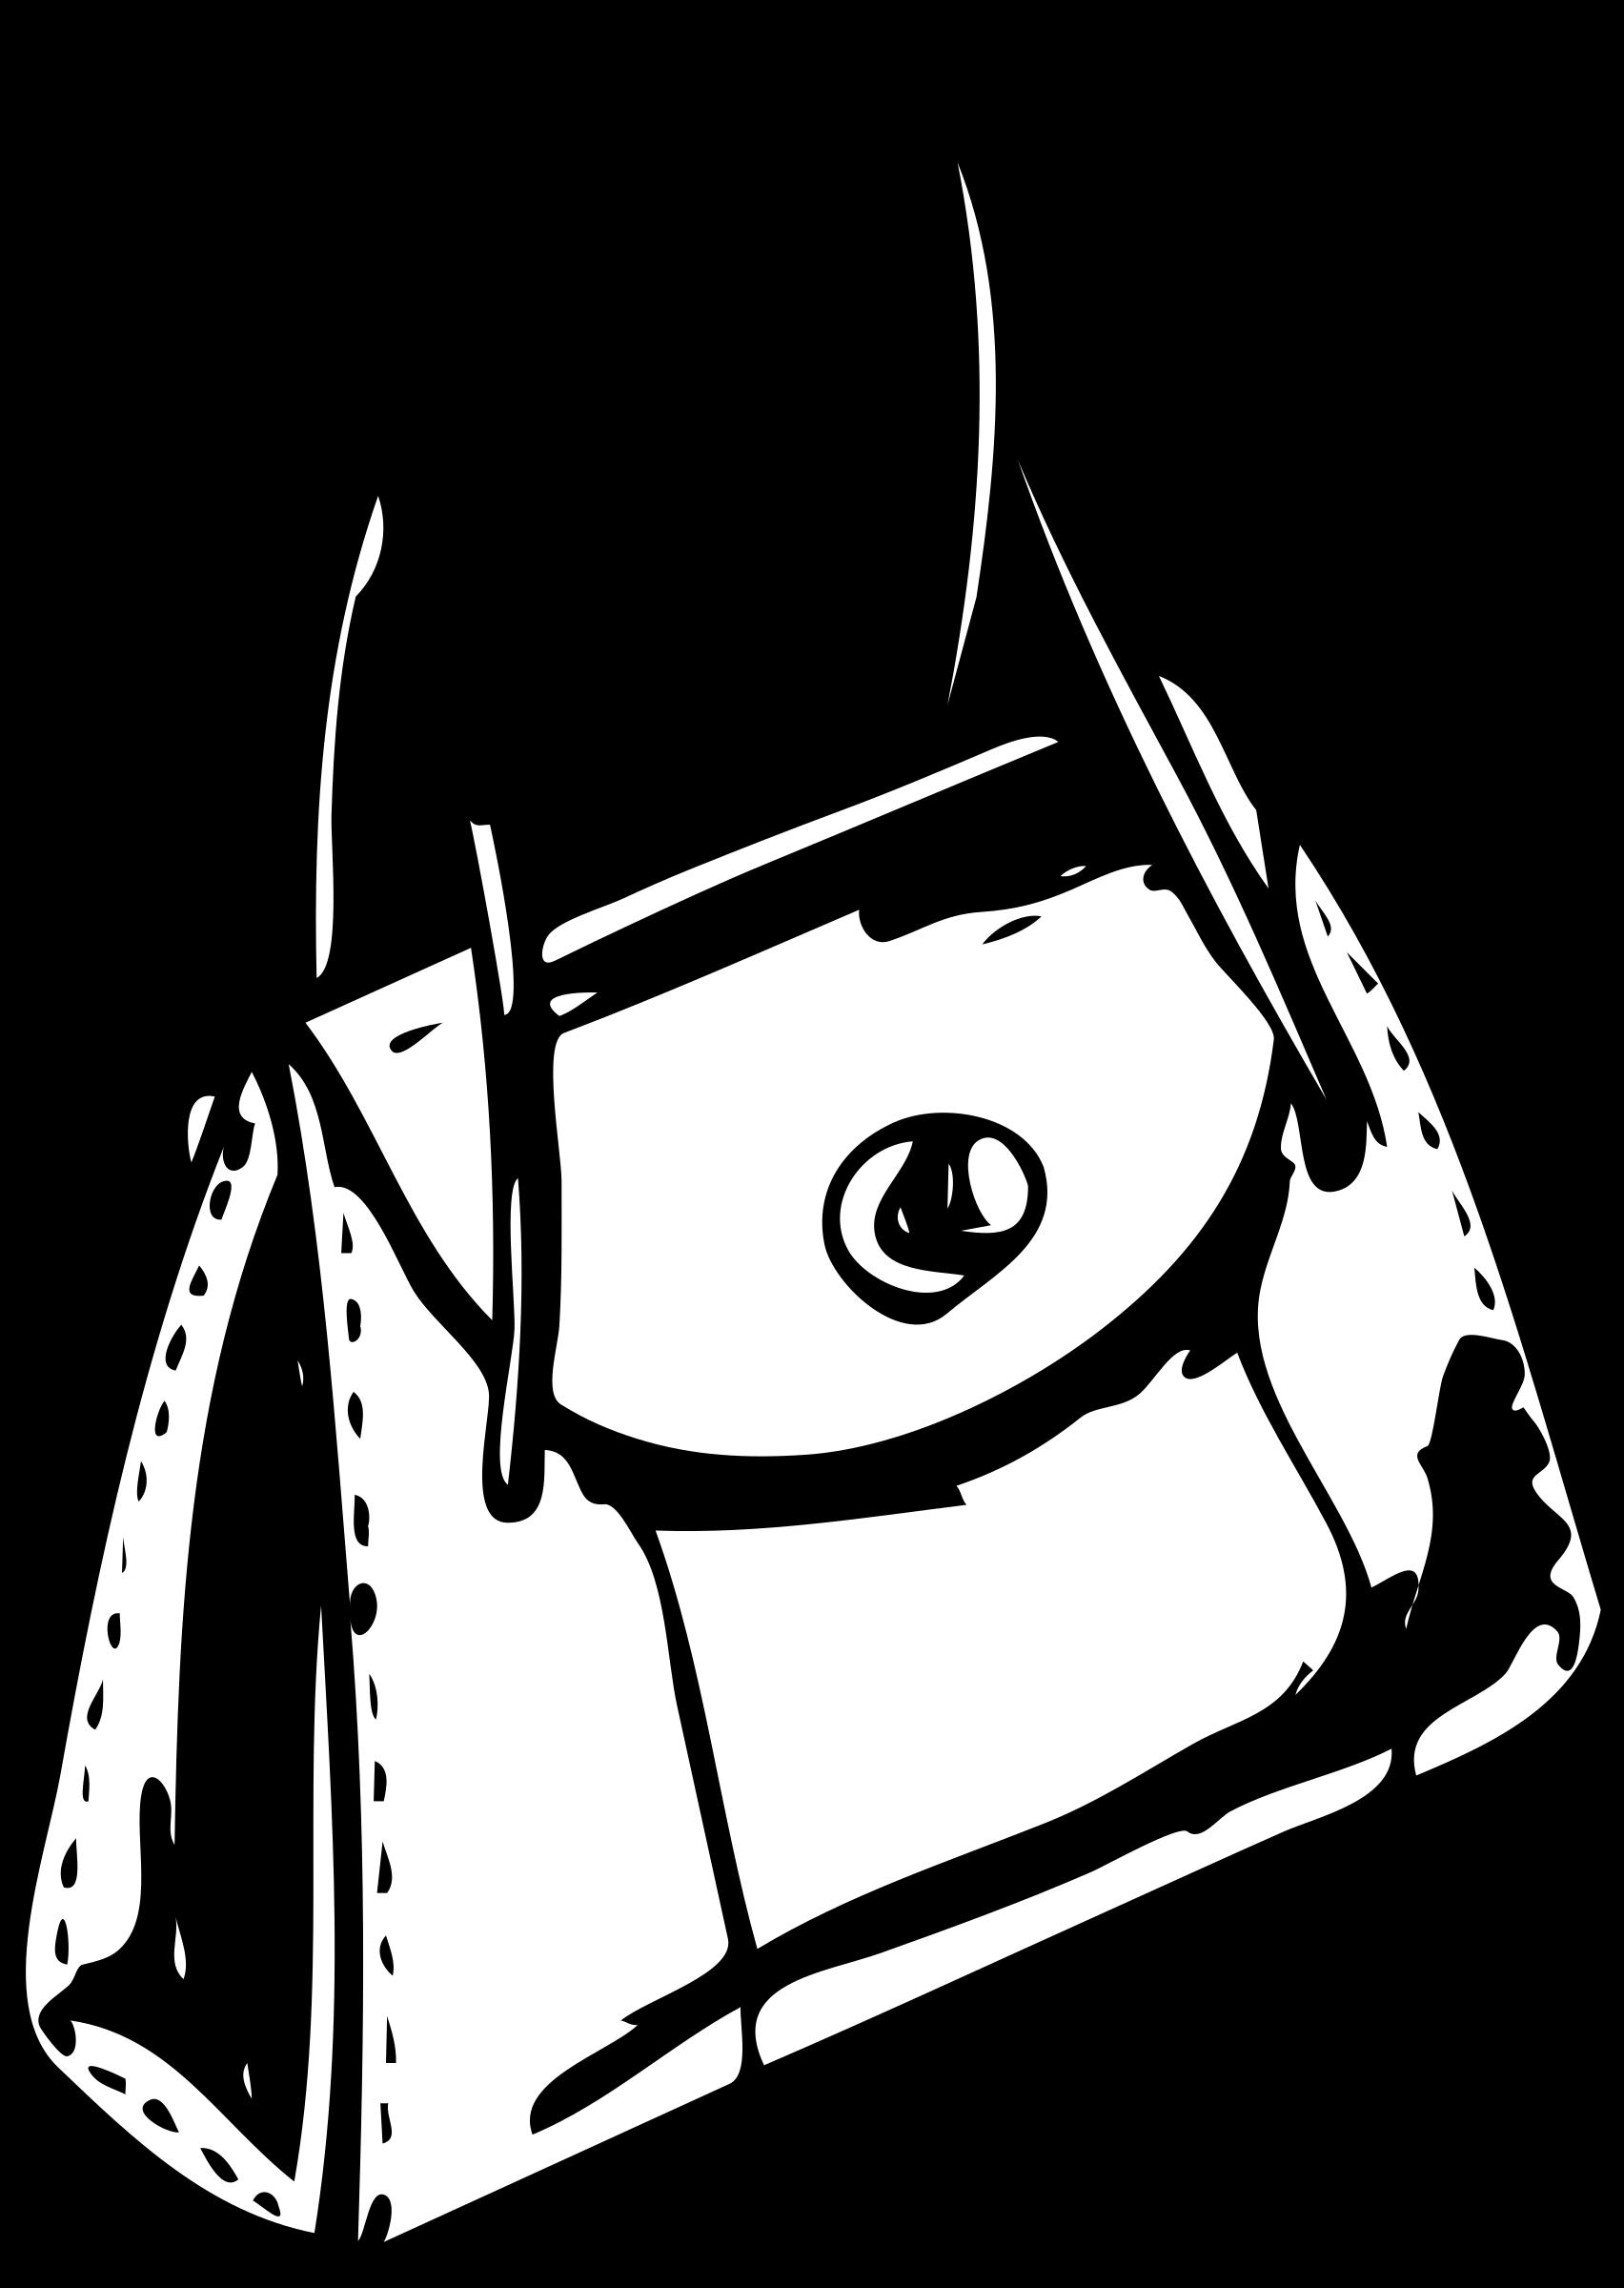 Architetto borsetta big image. Luggage clipart outline